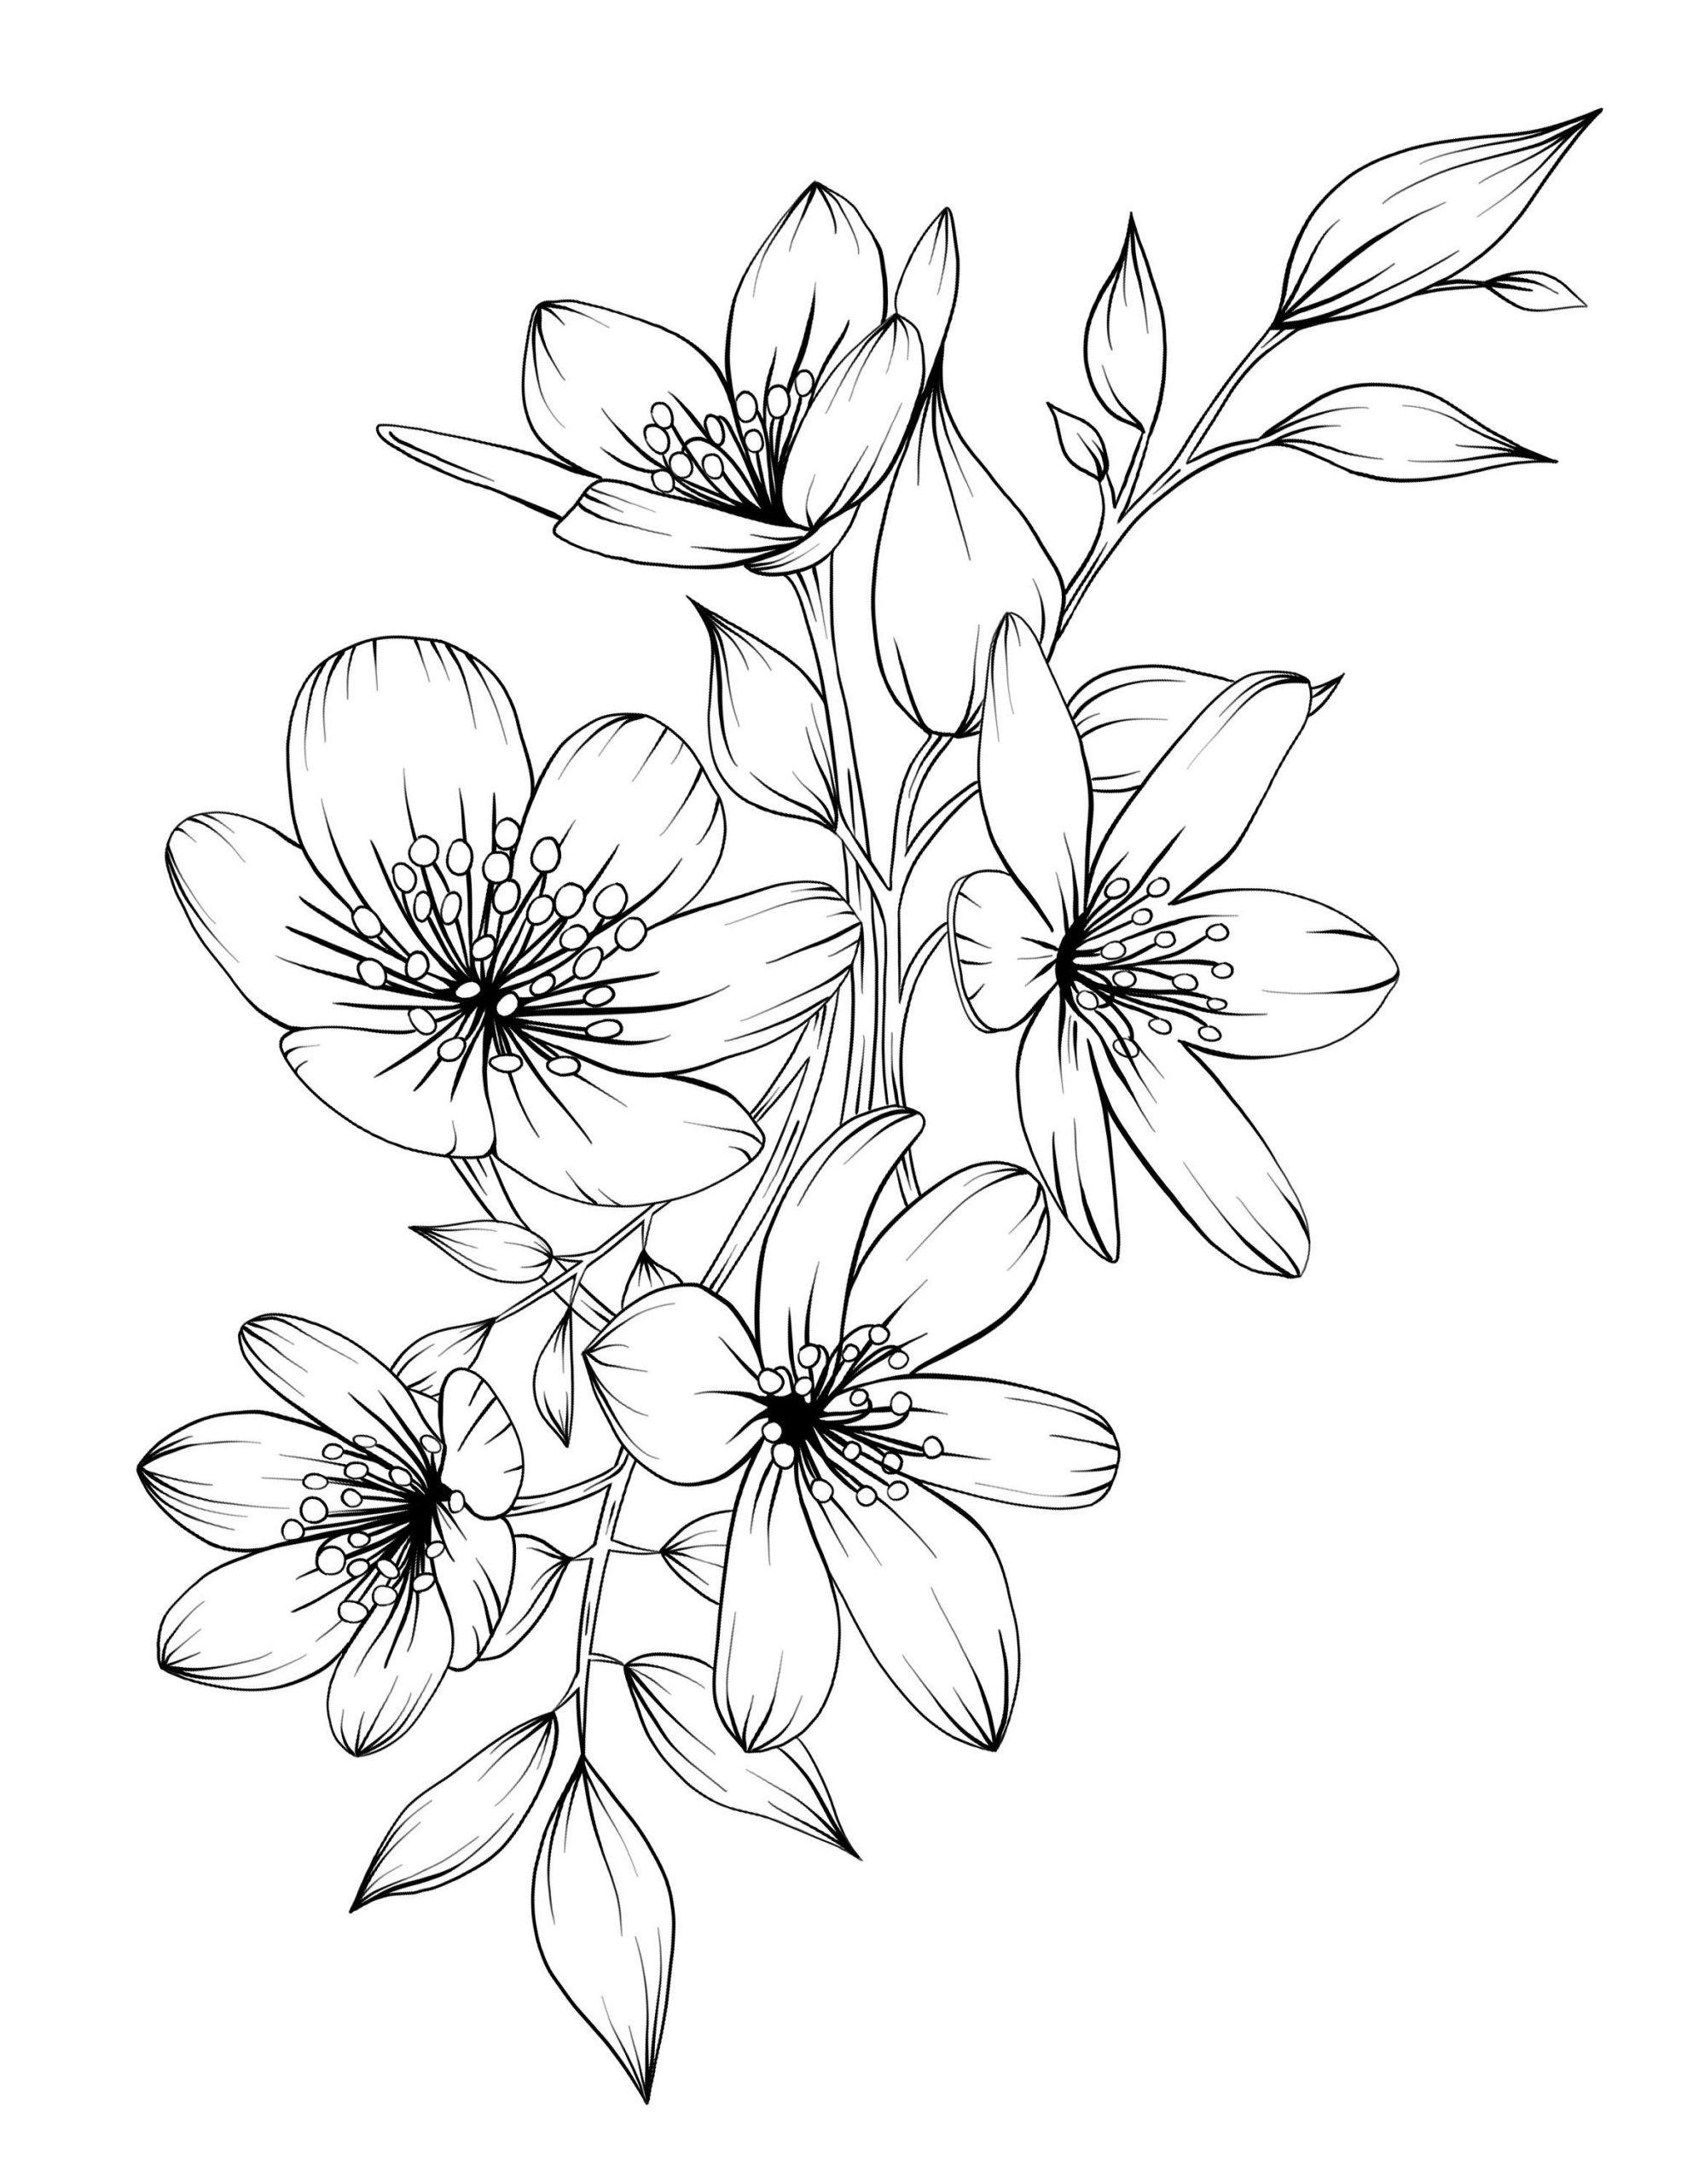 A4 Sketch Pad papier blanc Livre Dessin Dessiner Artiste Croquis Art Craft